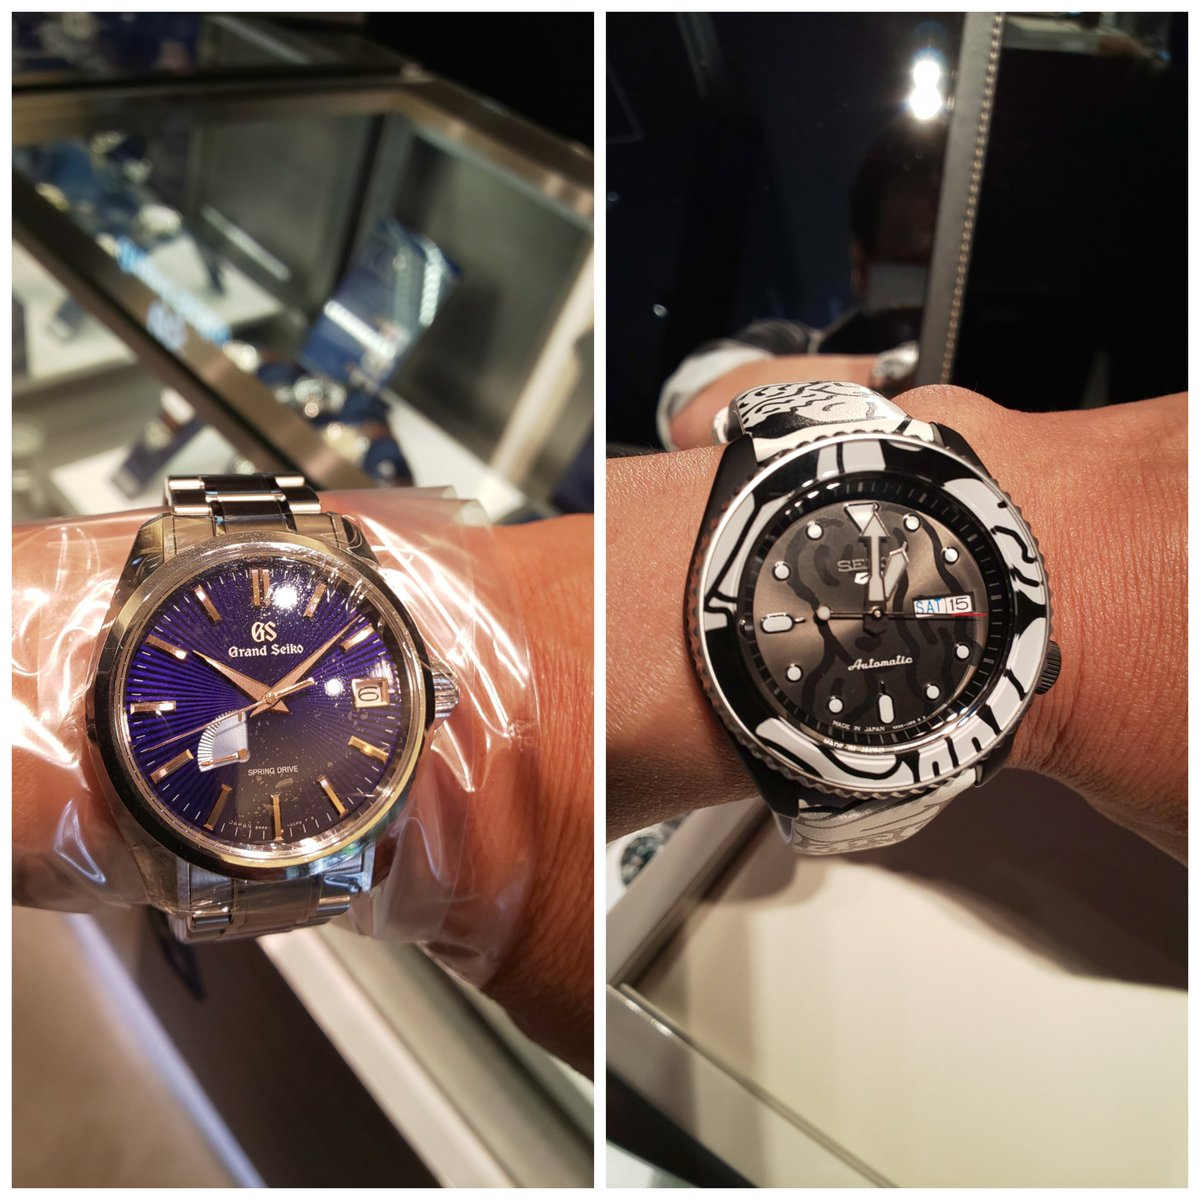 メンズ腕時計が好きなんです倶楽部の部活をしに、銀座に行ってきた。 ロレックスは三越と大丸以外は開いてて、意外なことに空いてました。 でも、今日のお目当てはこの2つ、GS銀座限定とSEIKO5オートモアイです。オートモアイは300本限定の方は完売でした。両方共に試着できて良かった。😀 #SEIKO https://t.co/LnucR2qL6D